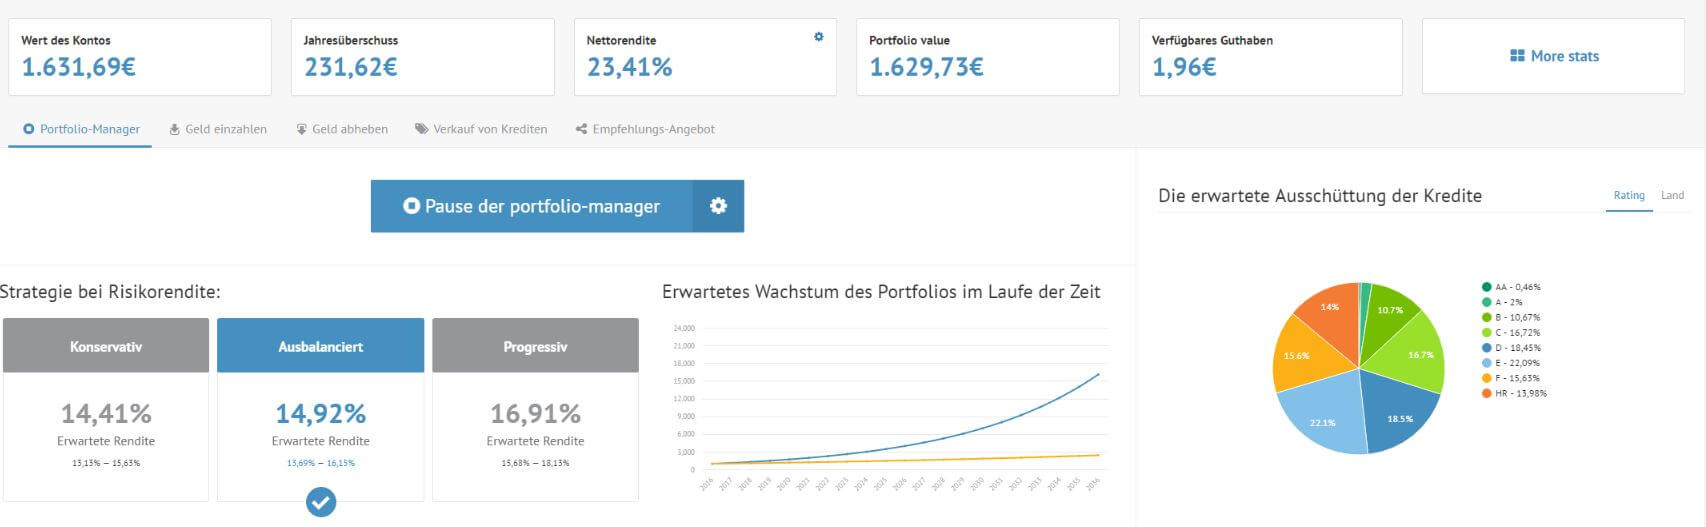 statistik_front